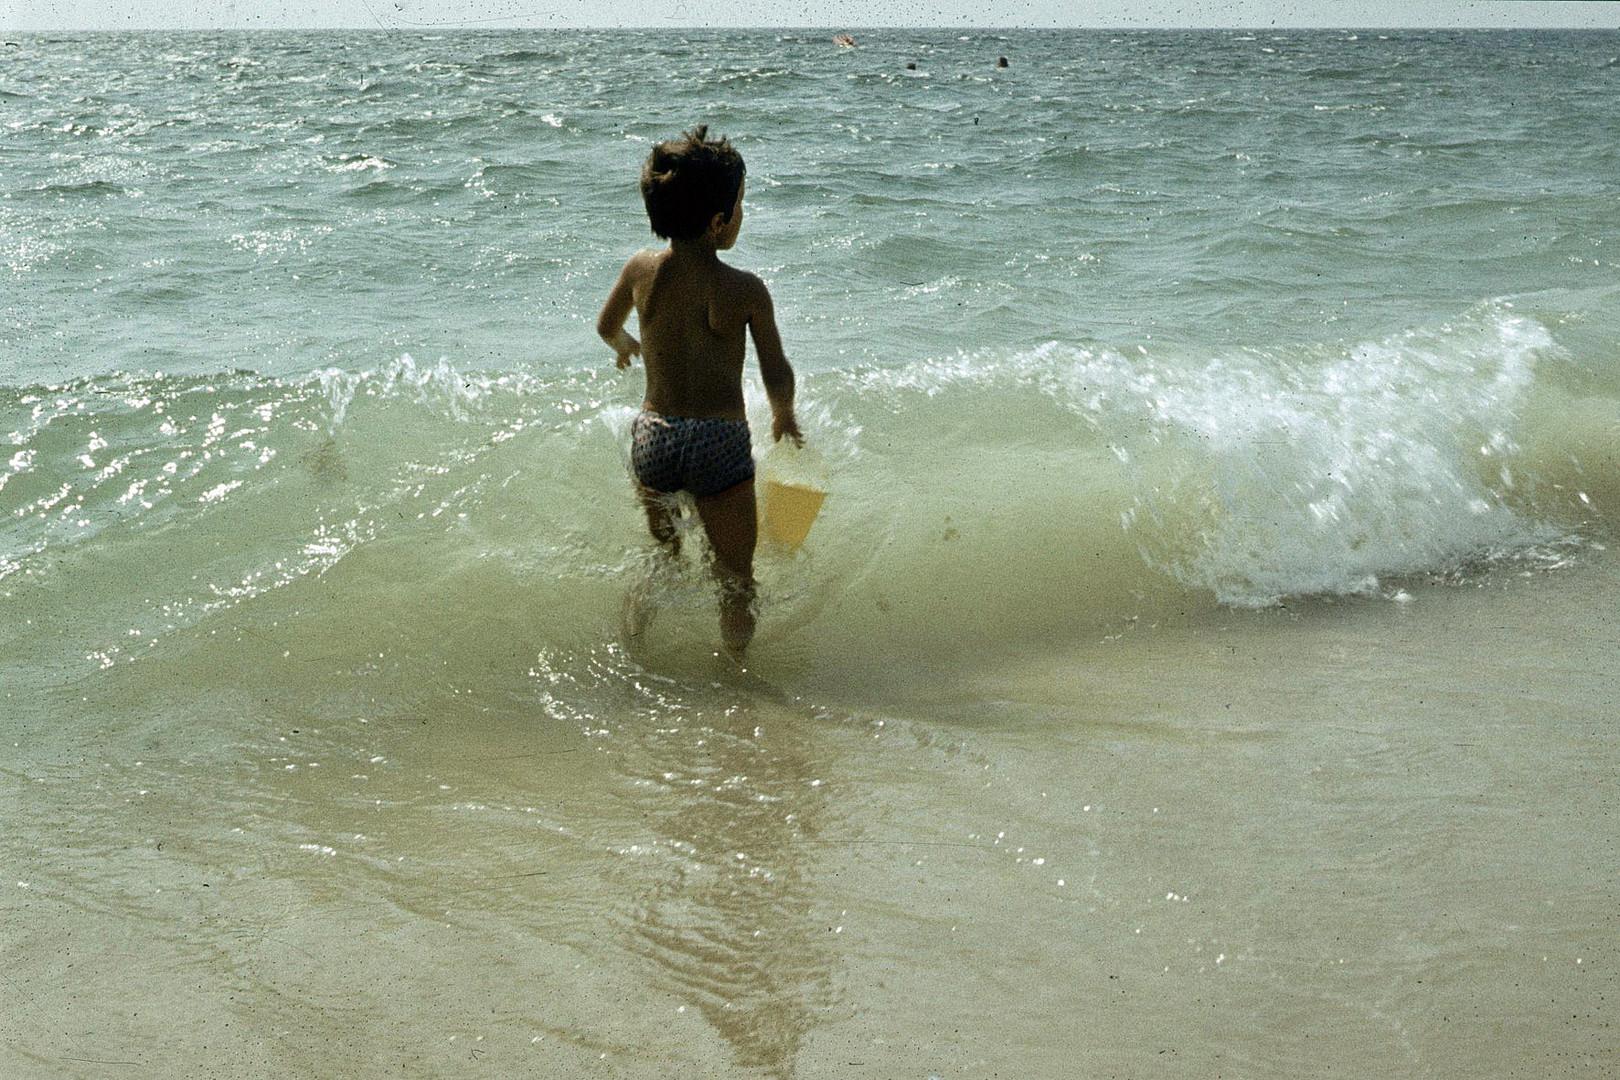 Mit der Welle spielen